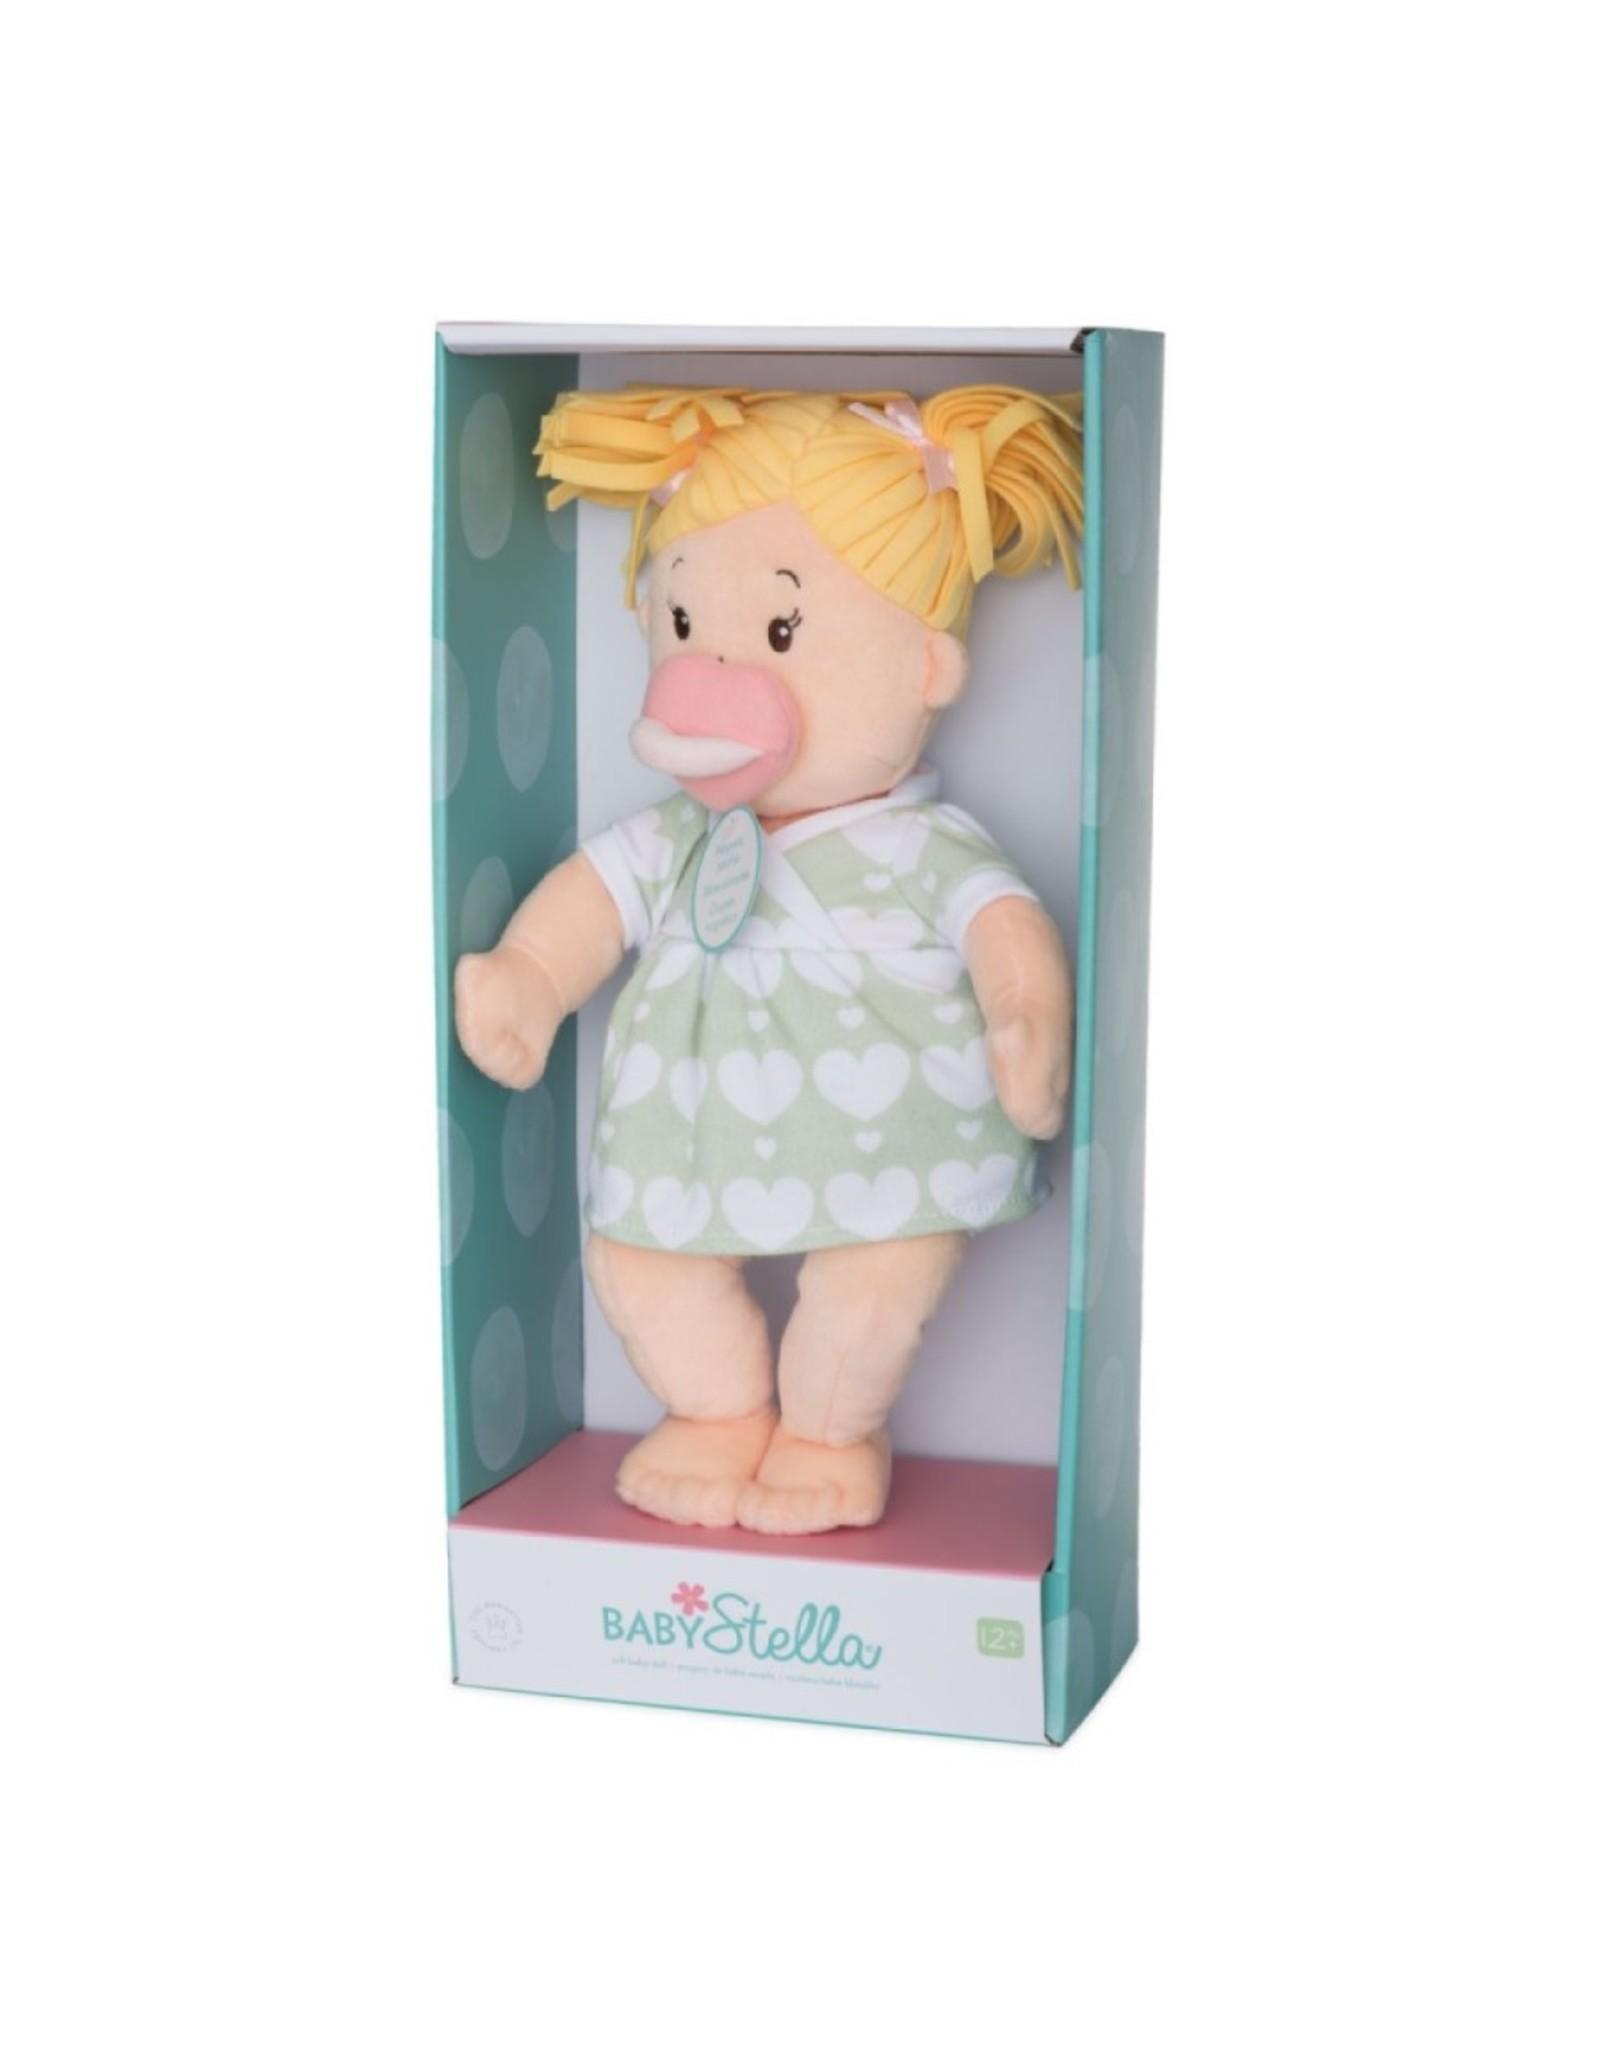 Manhattan Toy Baby Stella Blonde Pigtails